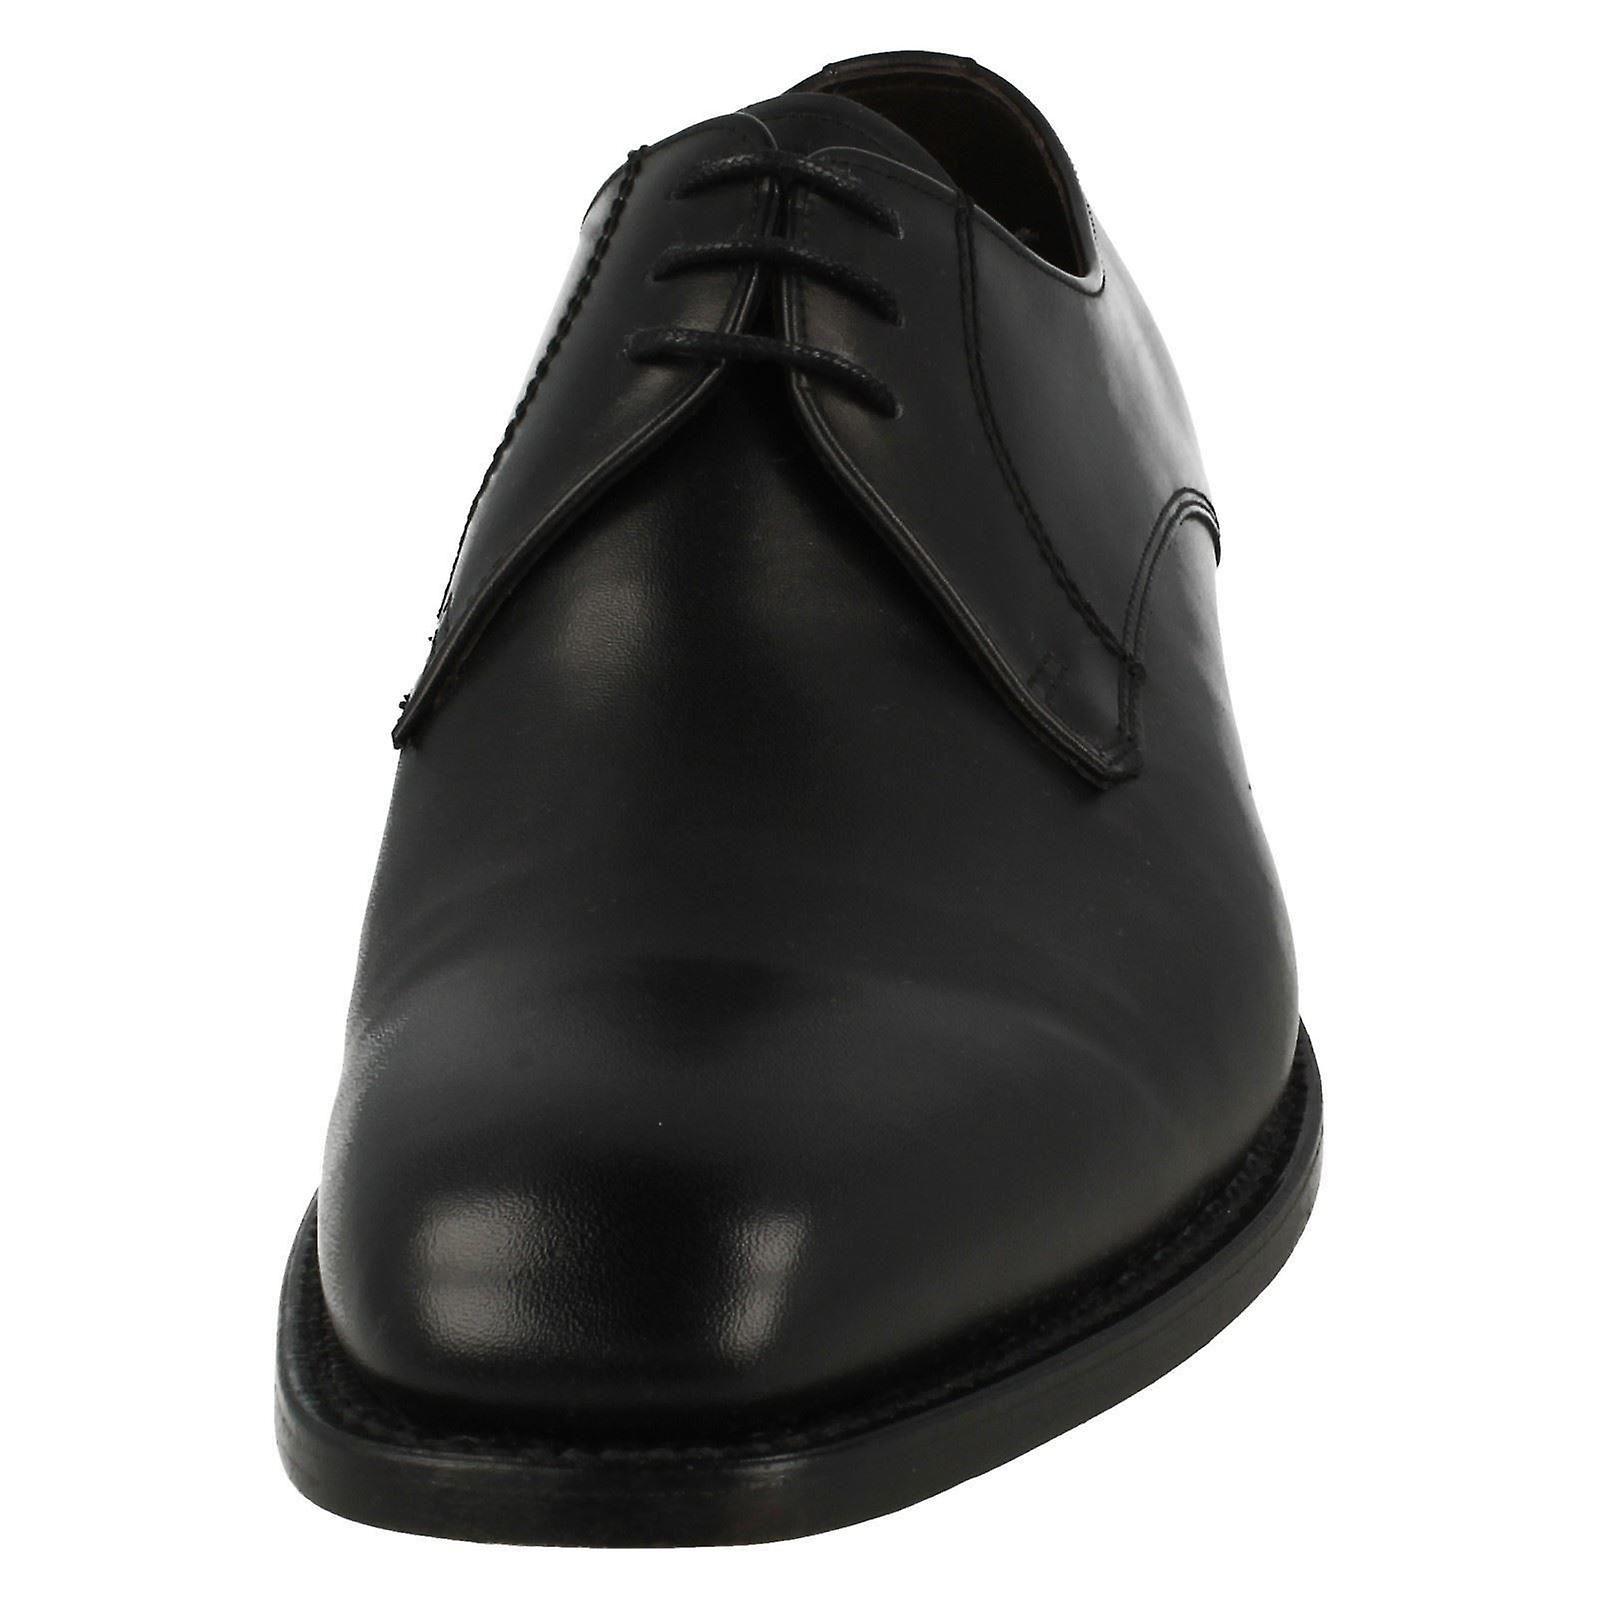 e6fbf8a7764 Mens Barker formelle lisse opp sko Eton | Fruugo